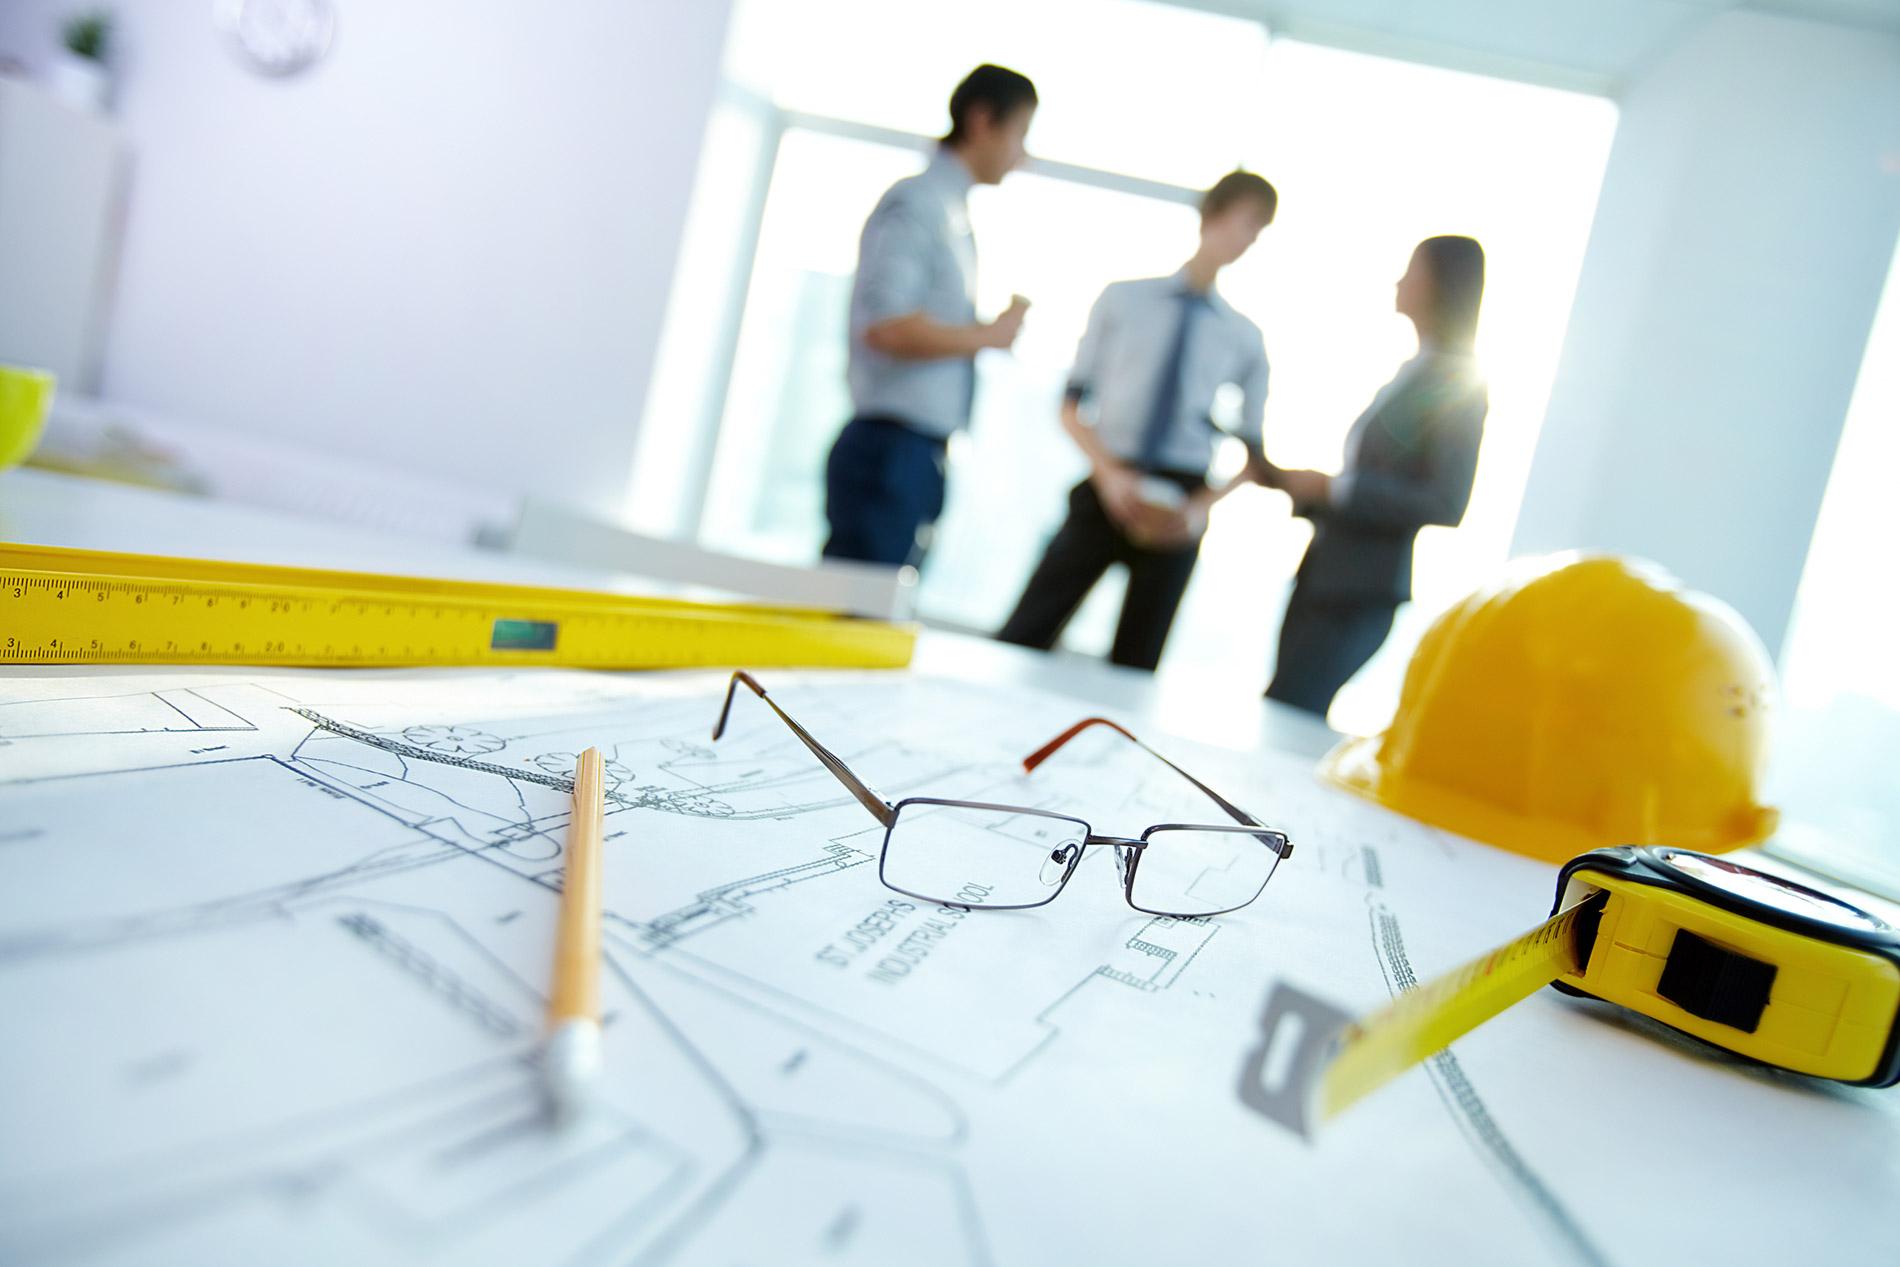 نیاز به معرفی نمونه کارها برای کسب و کارهای پروژه محور